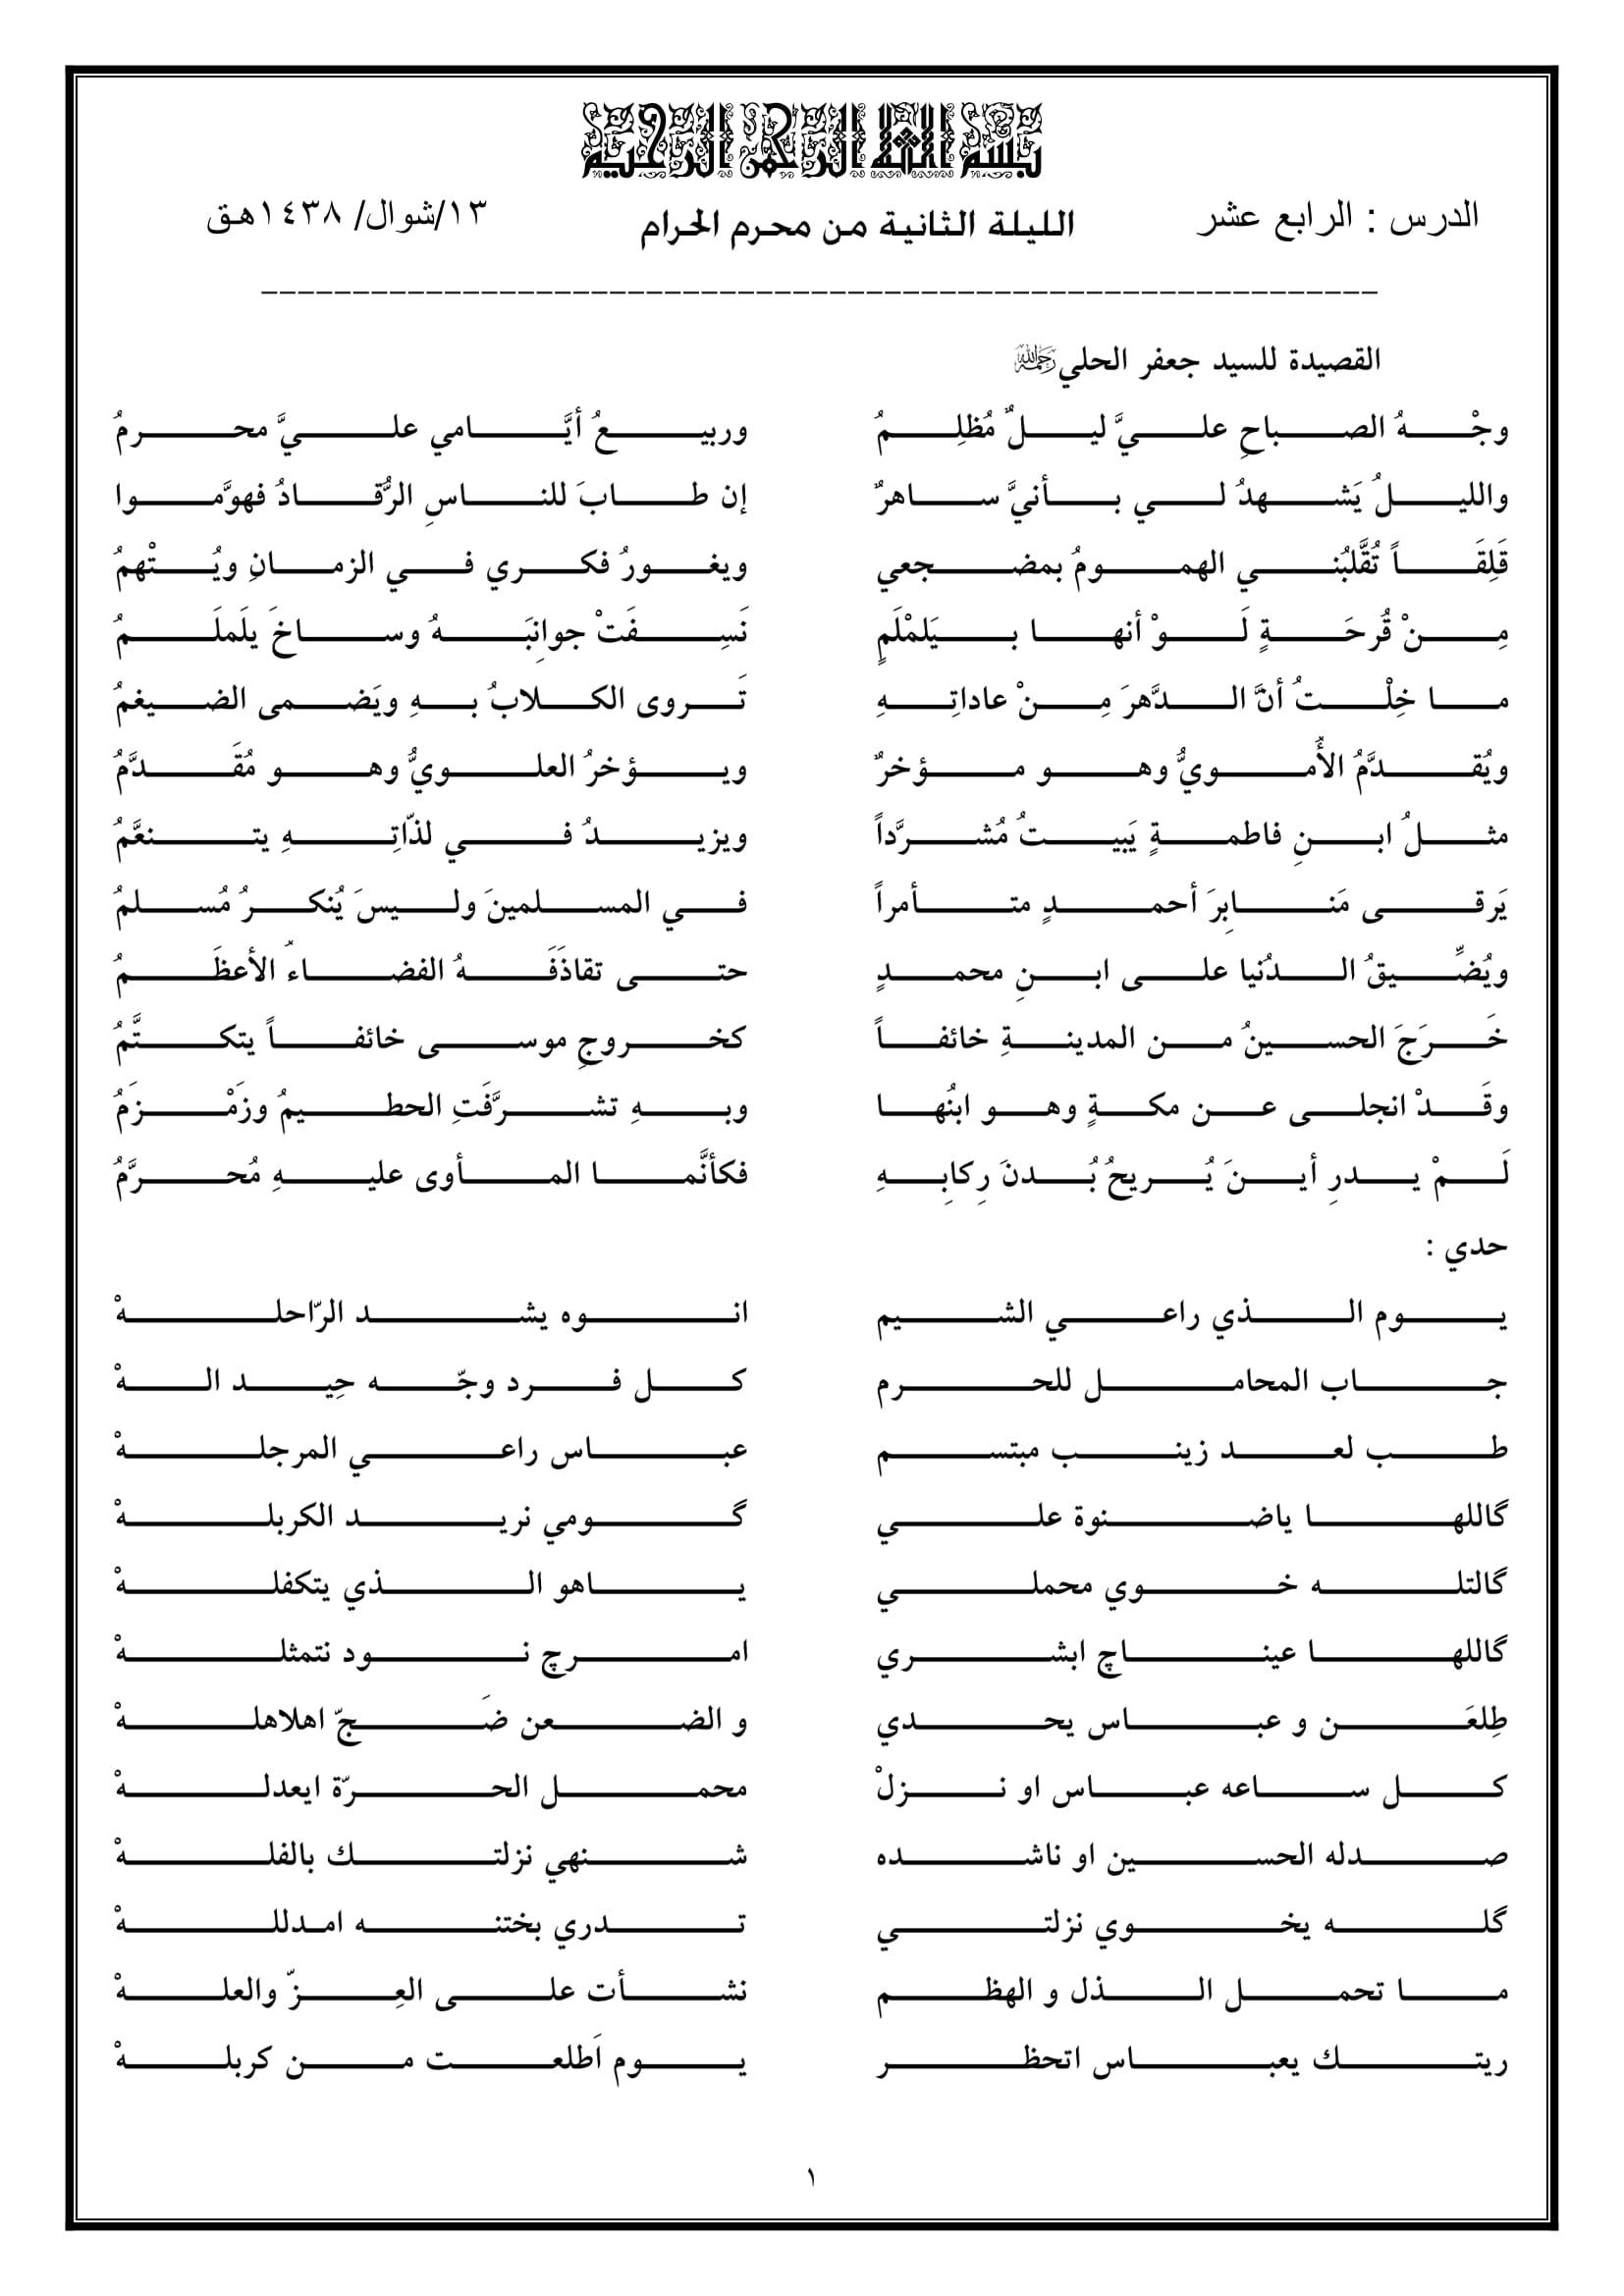 الدرس الرابع عشر 1438